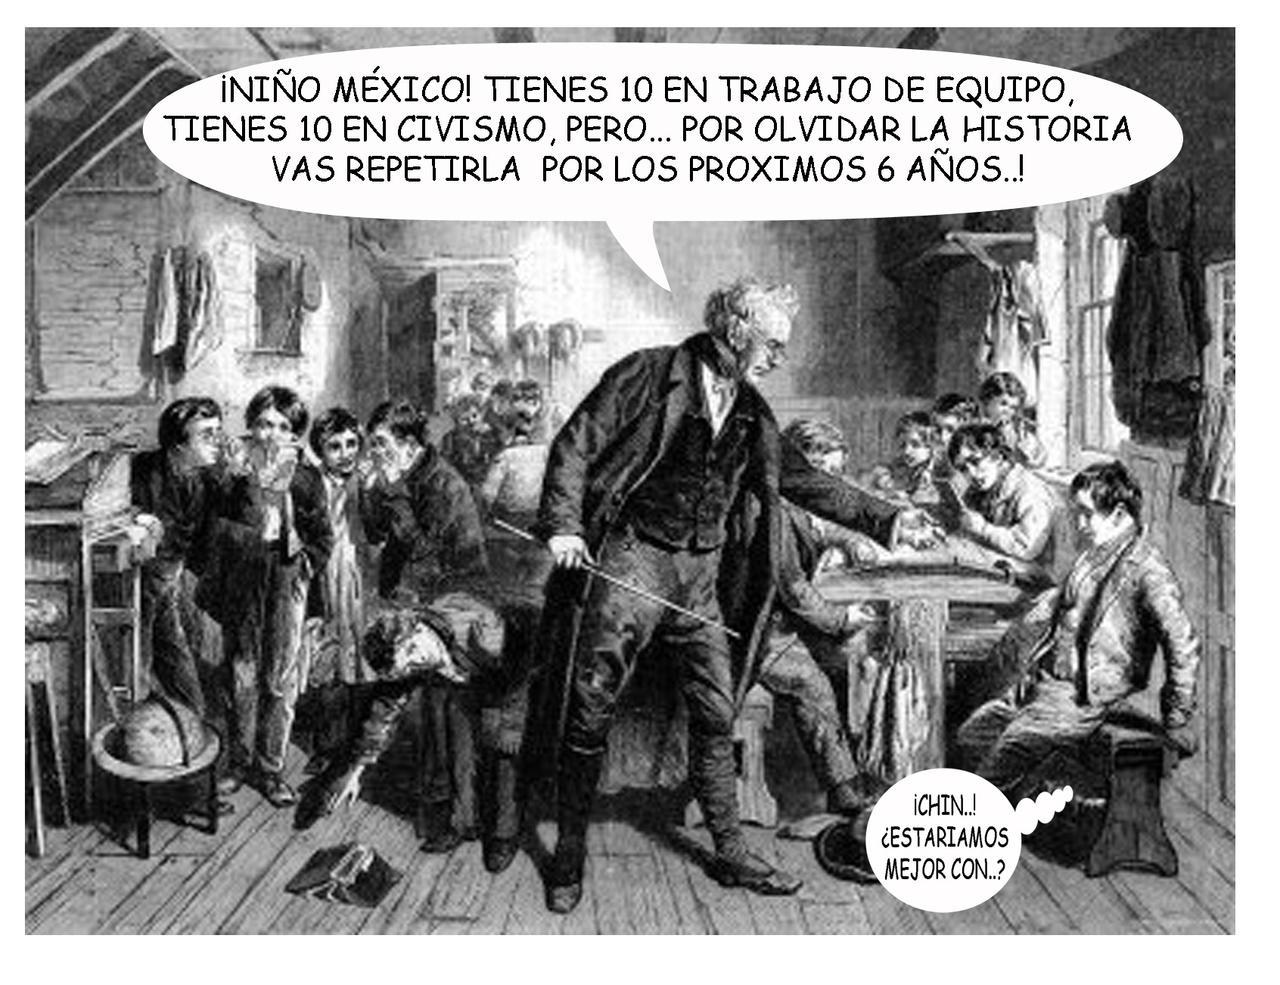 Leccion de Historia by alexneko